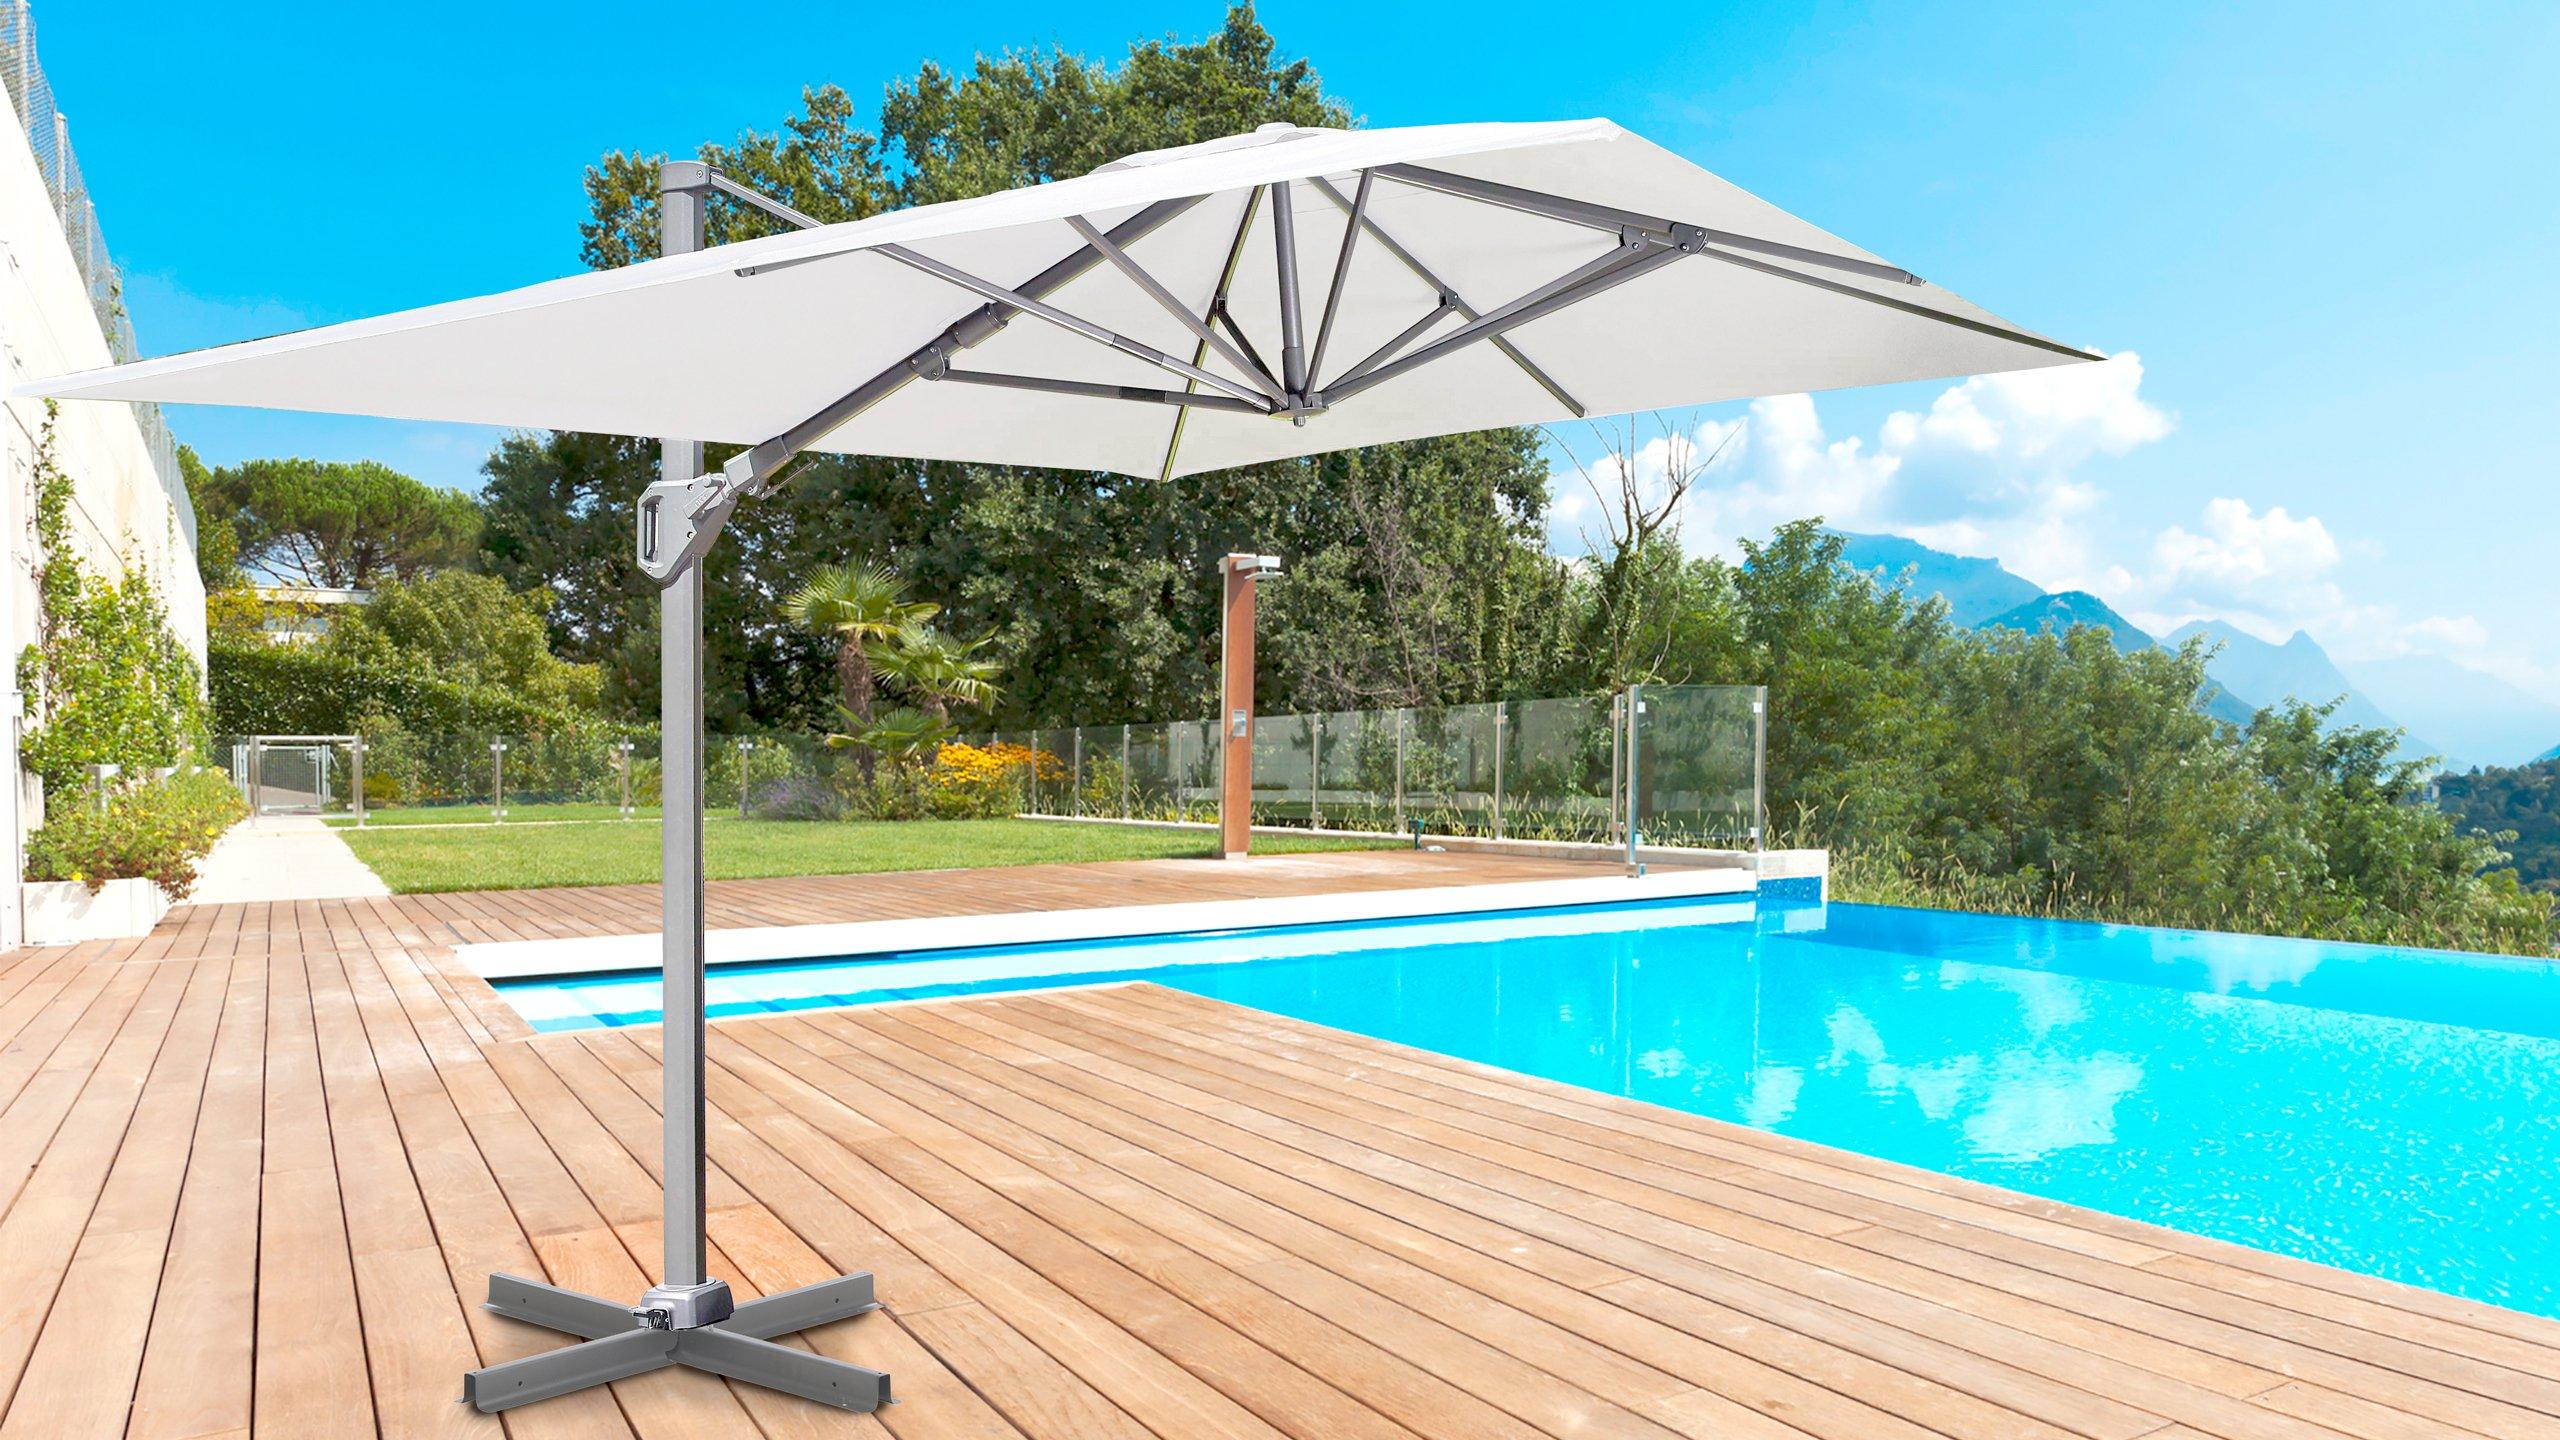 Sonnenschirm auf der Terrasse vor einem Pool